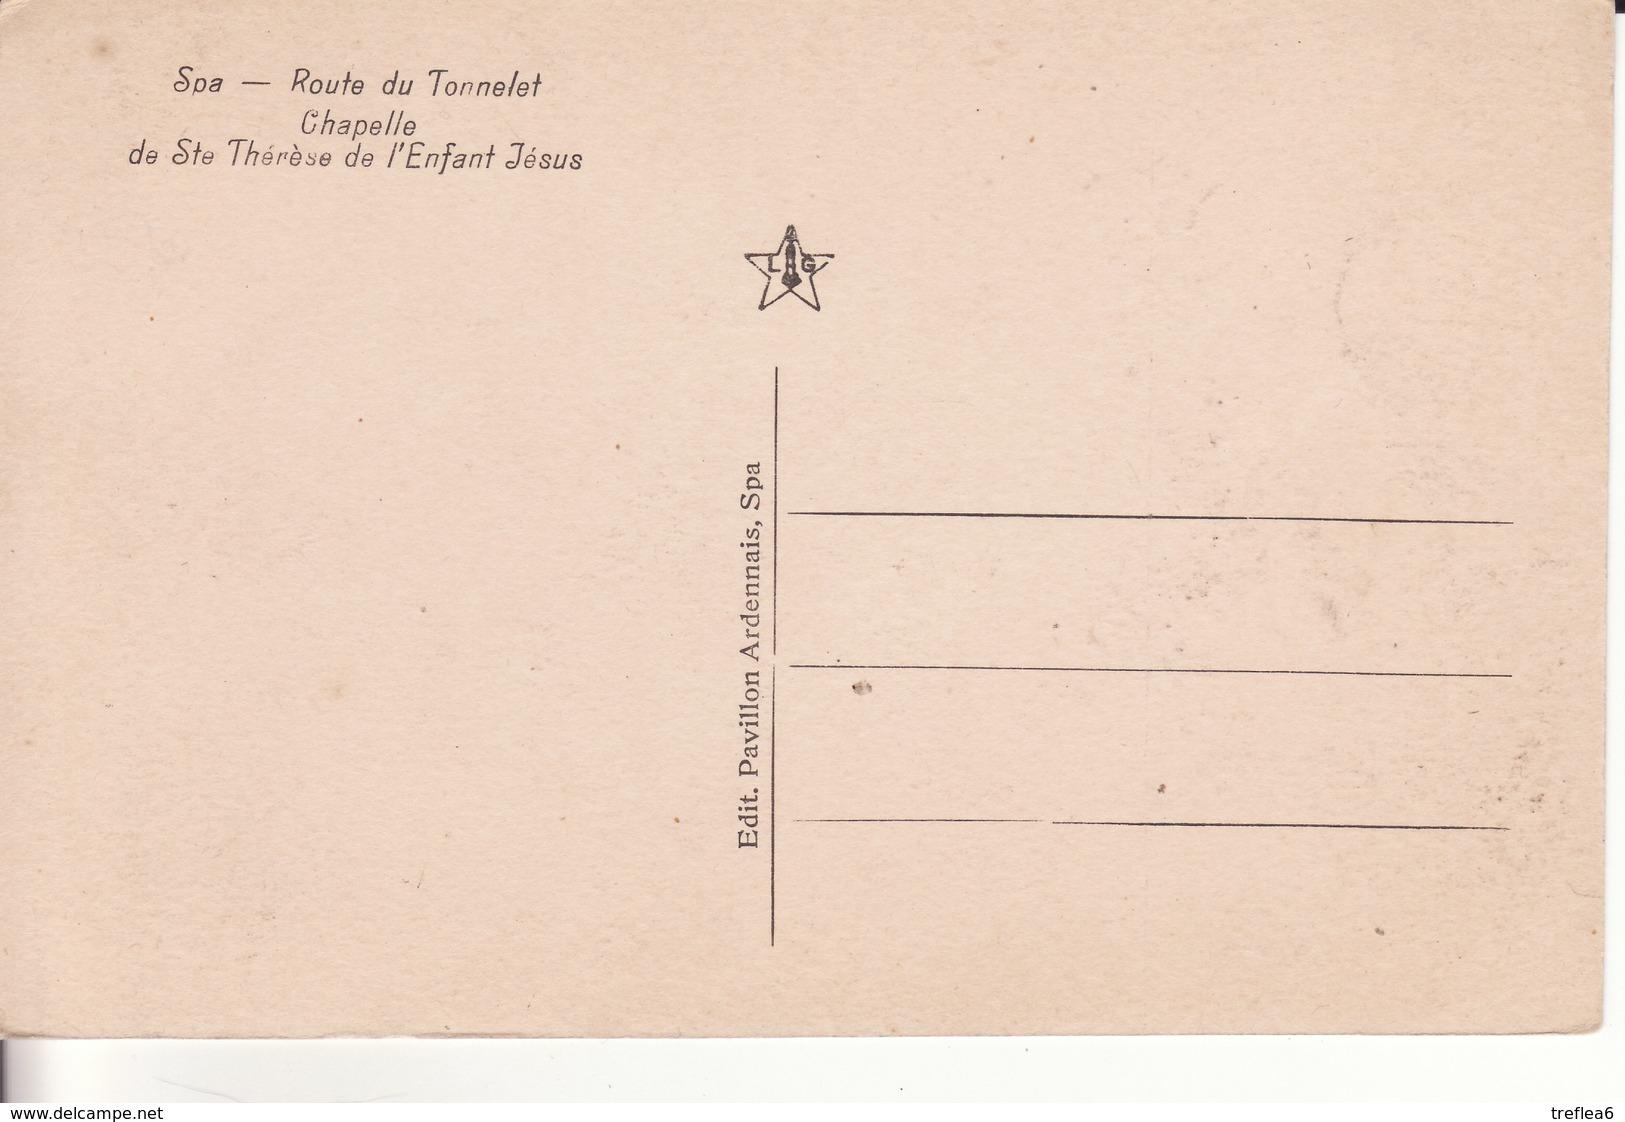 SPA - Route Du Tonnelet Chapelle Sainte Thérèse De L'Enfant Jésus - - Spa